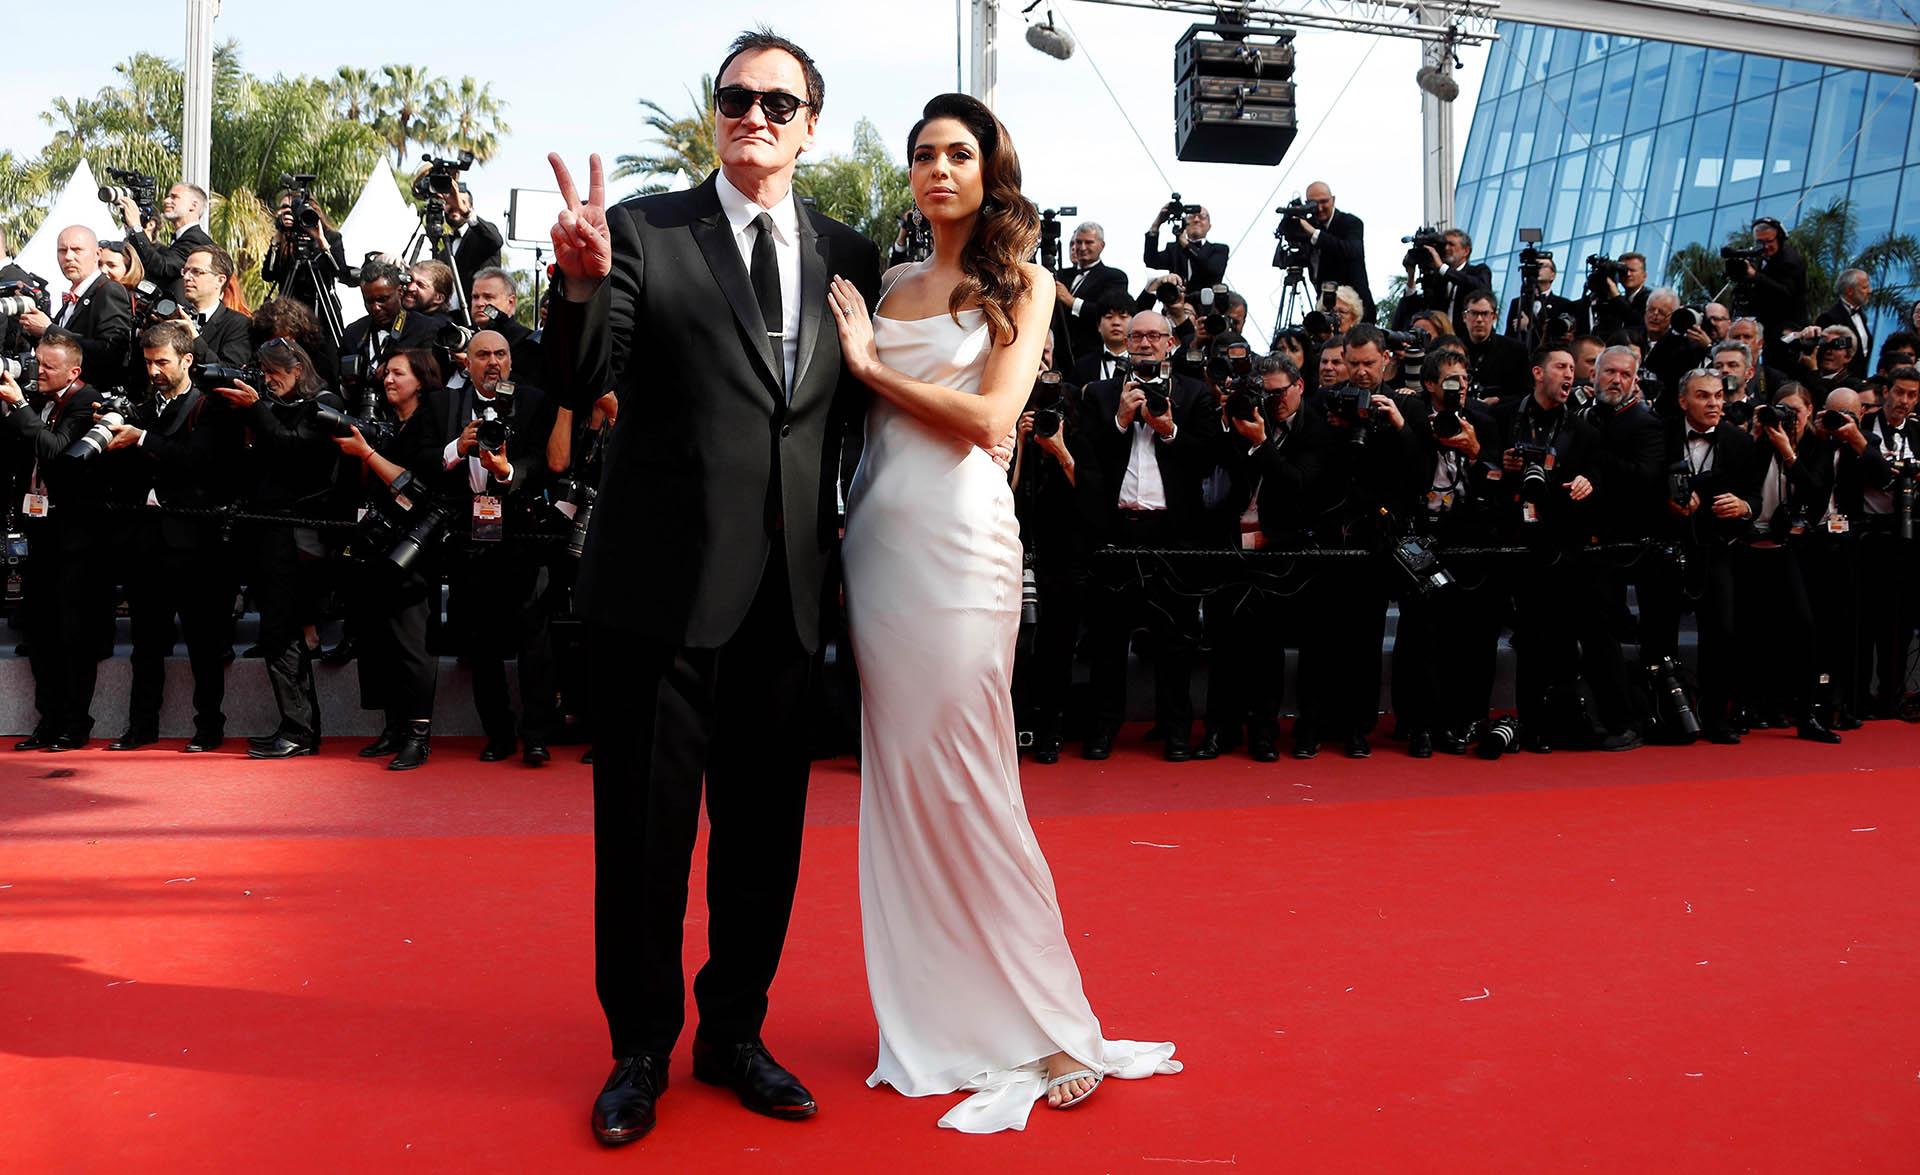 Quentin Tarantino y su mujer Daniella Pick. Él apostó a un black tie con corbata slim y ella un vestido blanco con sandalias. Con un beauty look de costado, impactó en la red carpet de Cannes